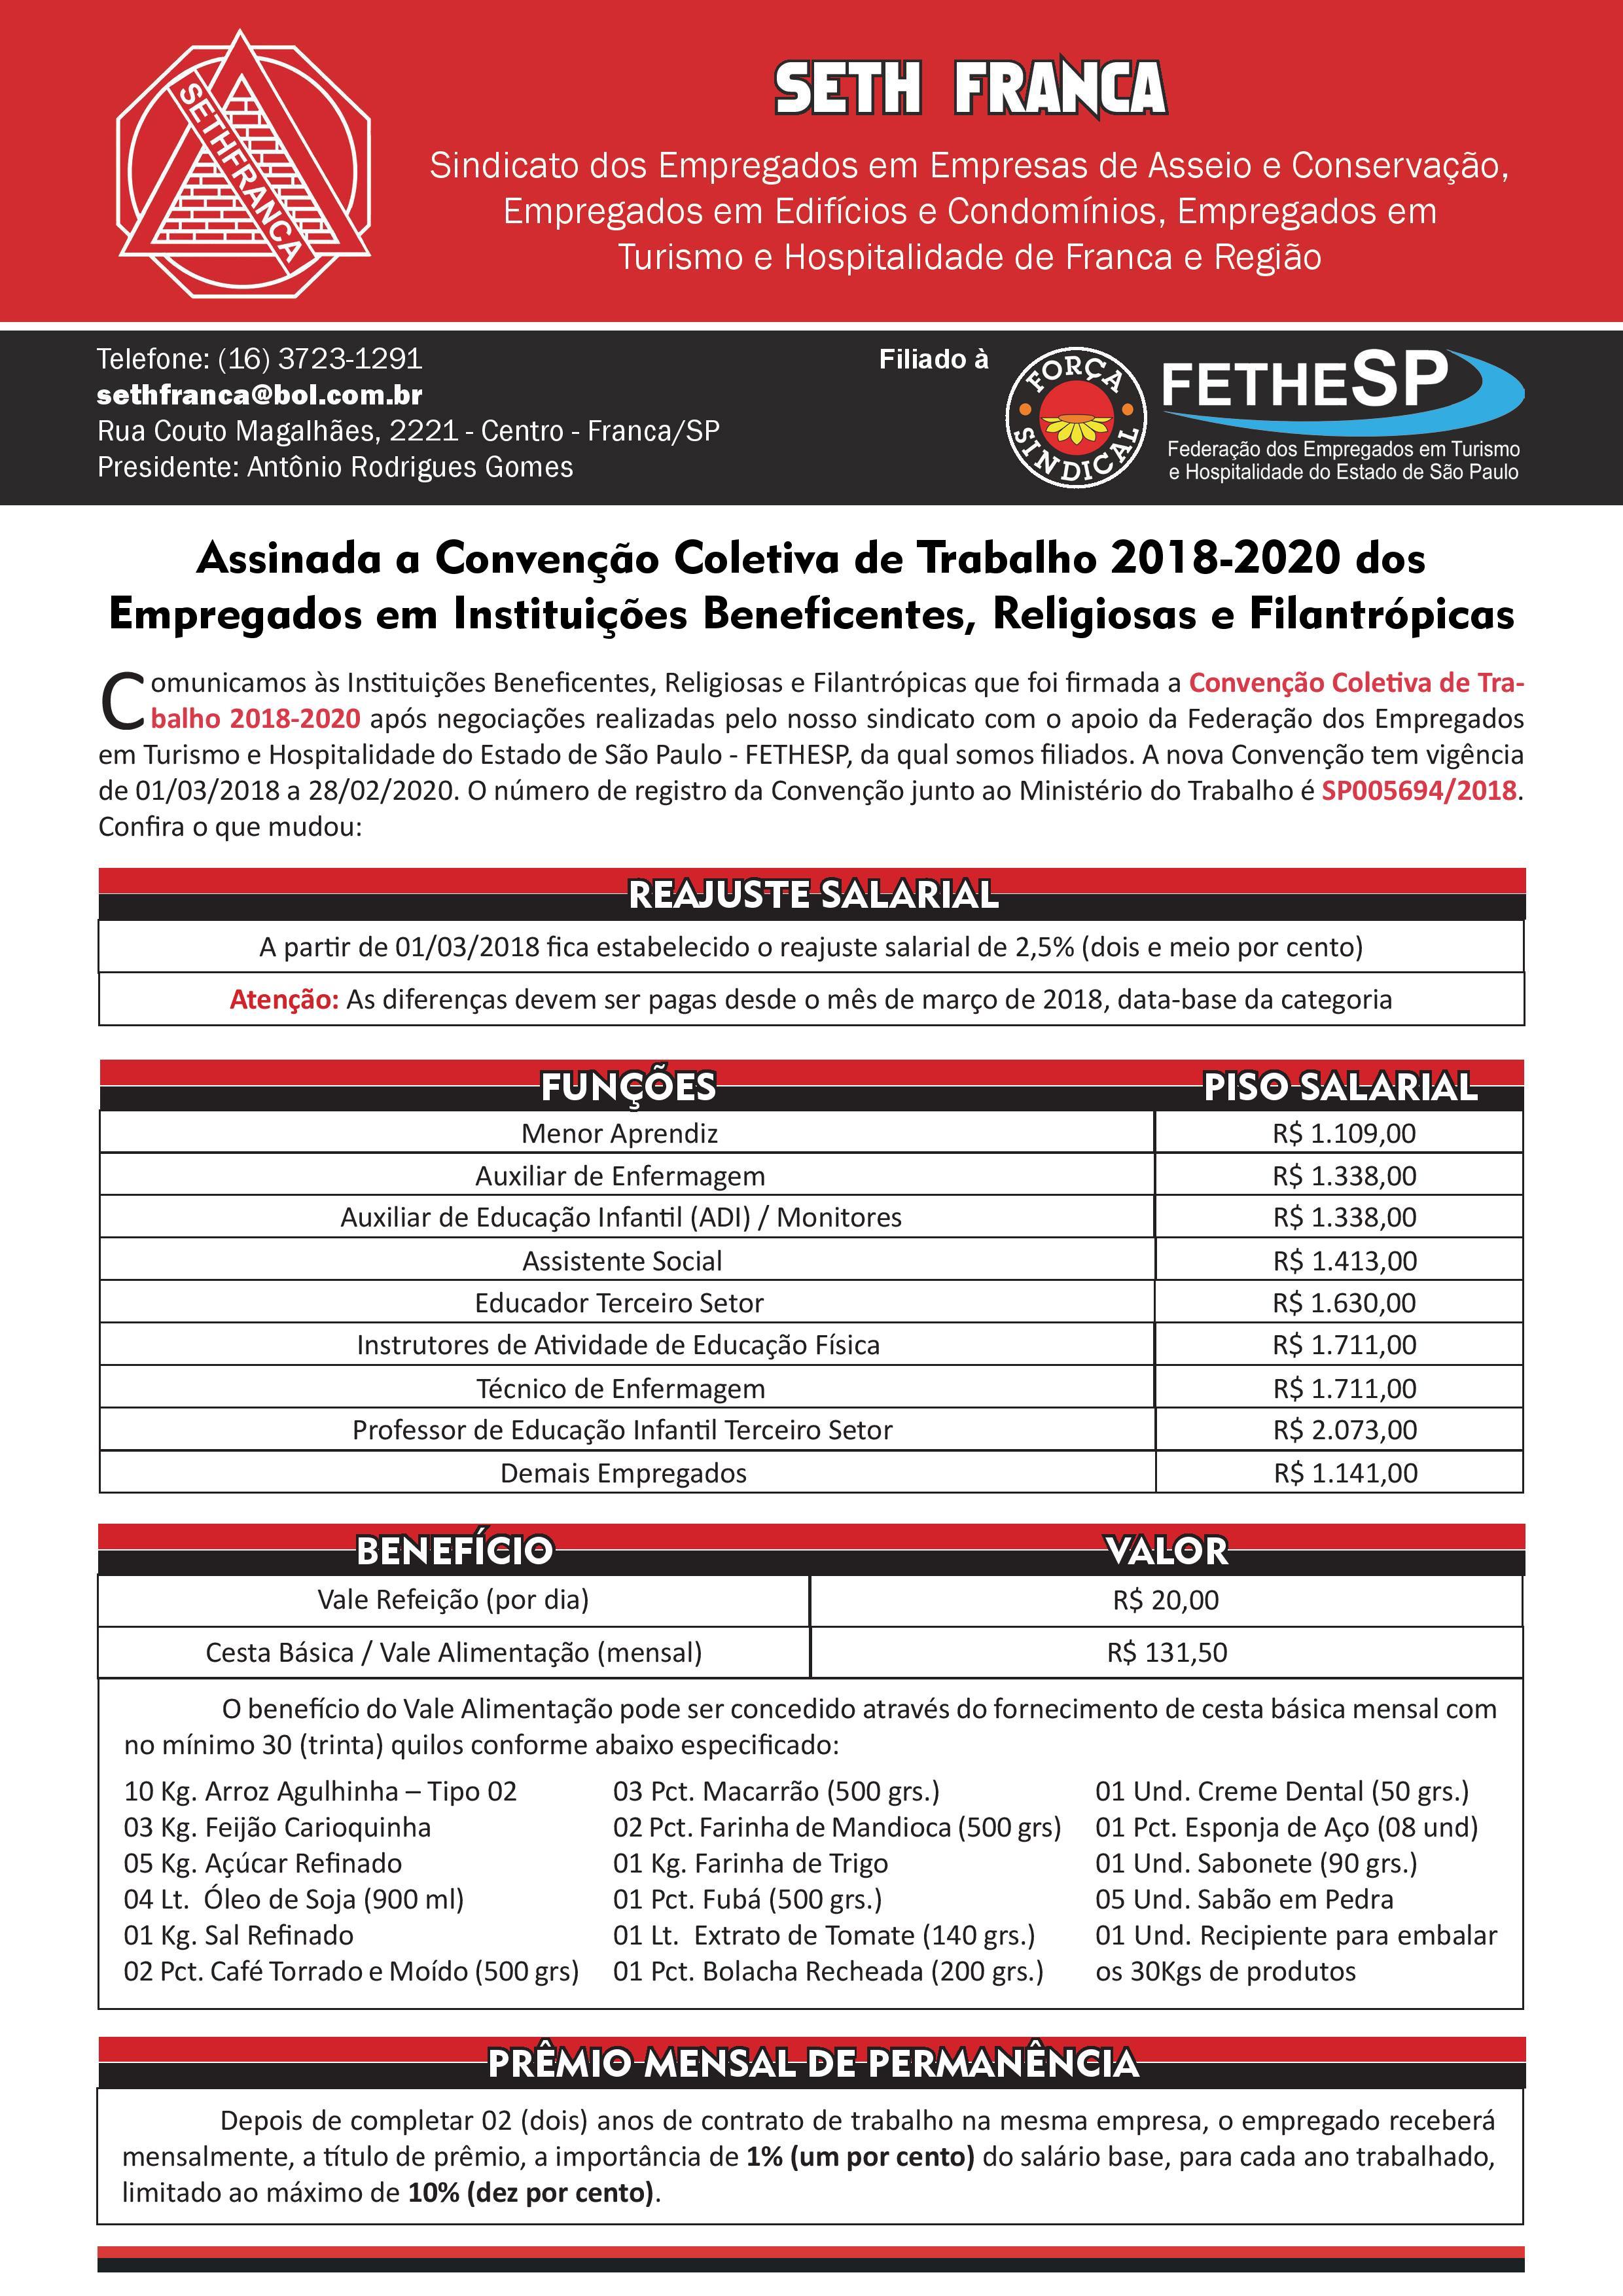 SETH Franca - Convenção Coletiva 2018 - Empregados em Instituições Beneficentes, Religiosas e Filantrópicas